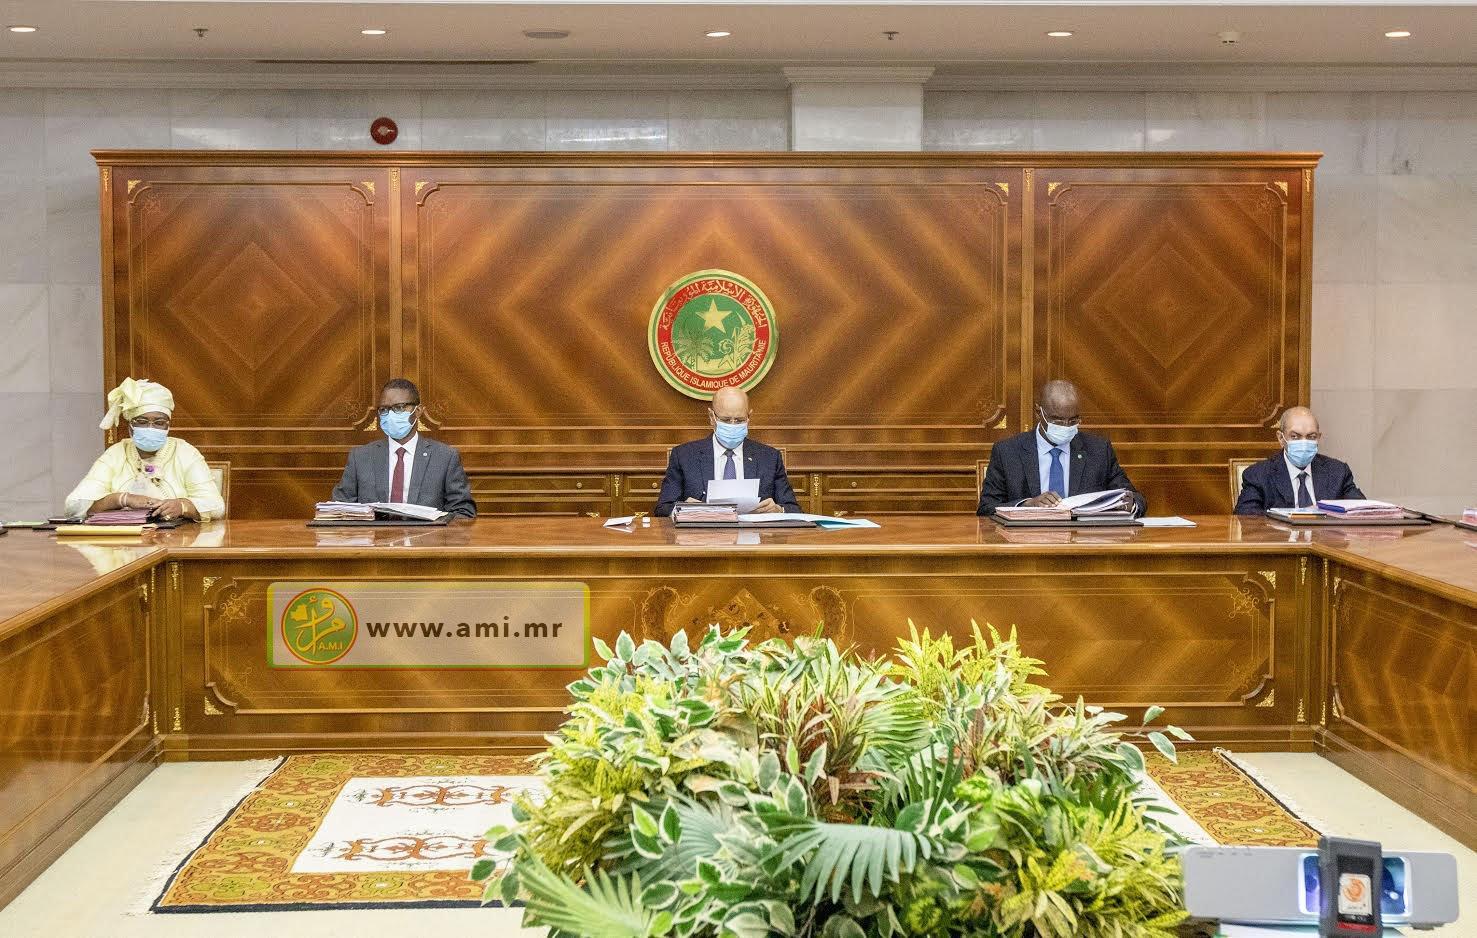 Le Conseil des Ministres nomme un Secrétaire Général de l'Habitat